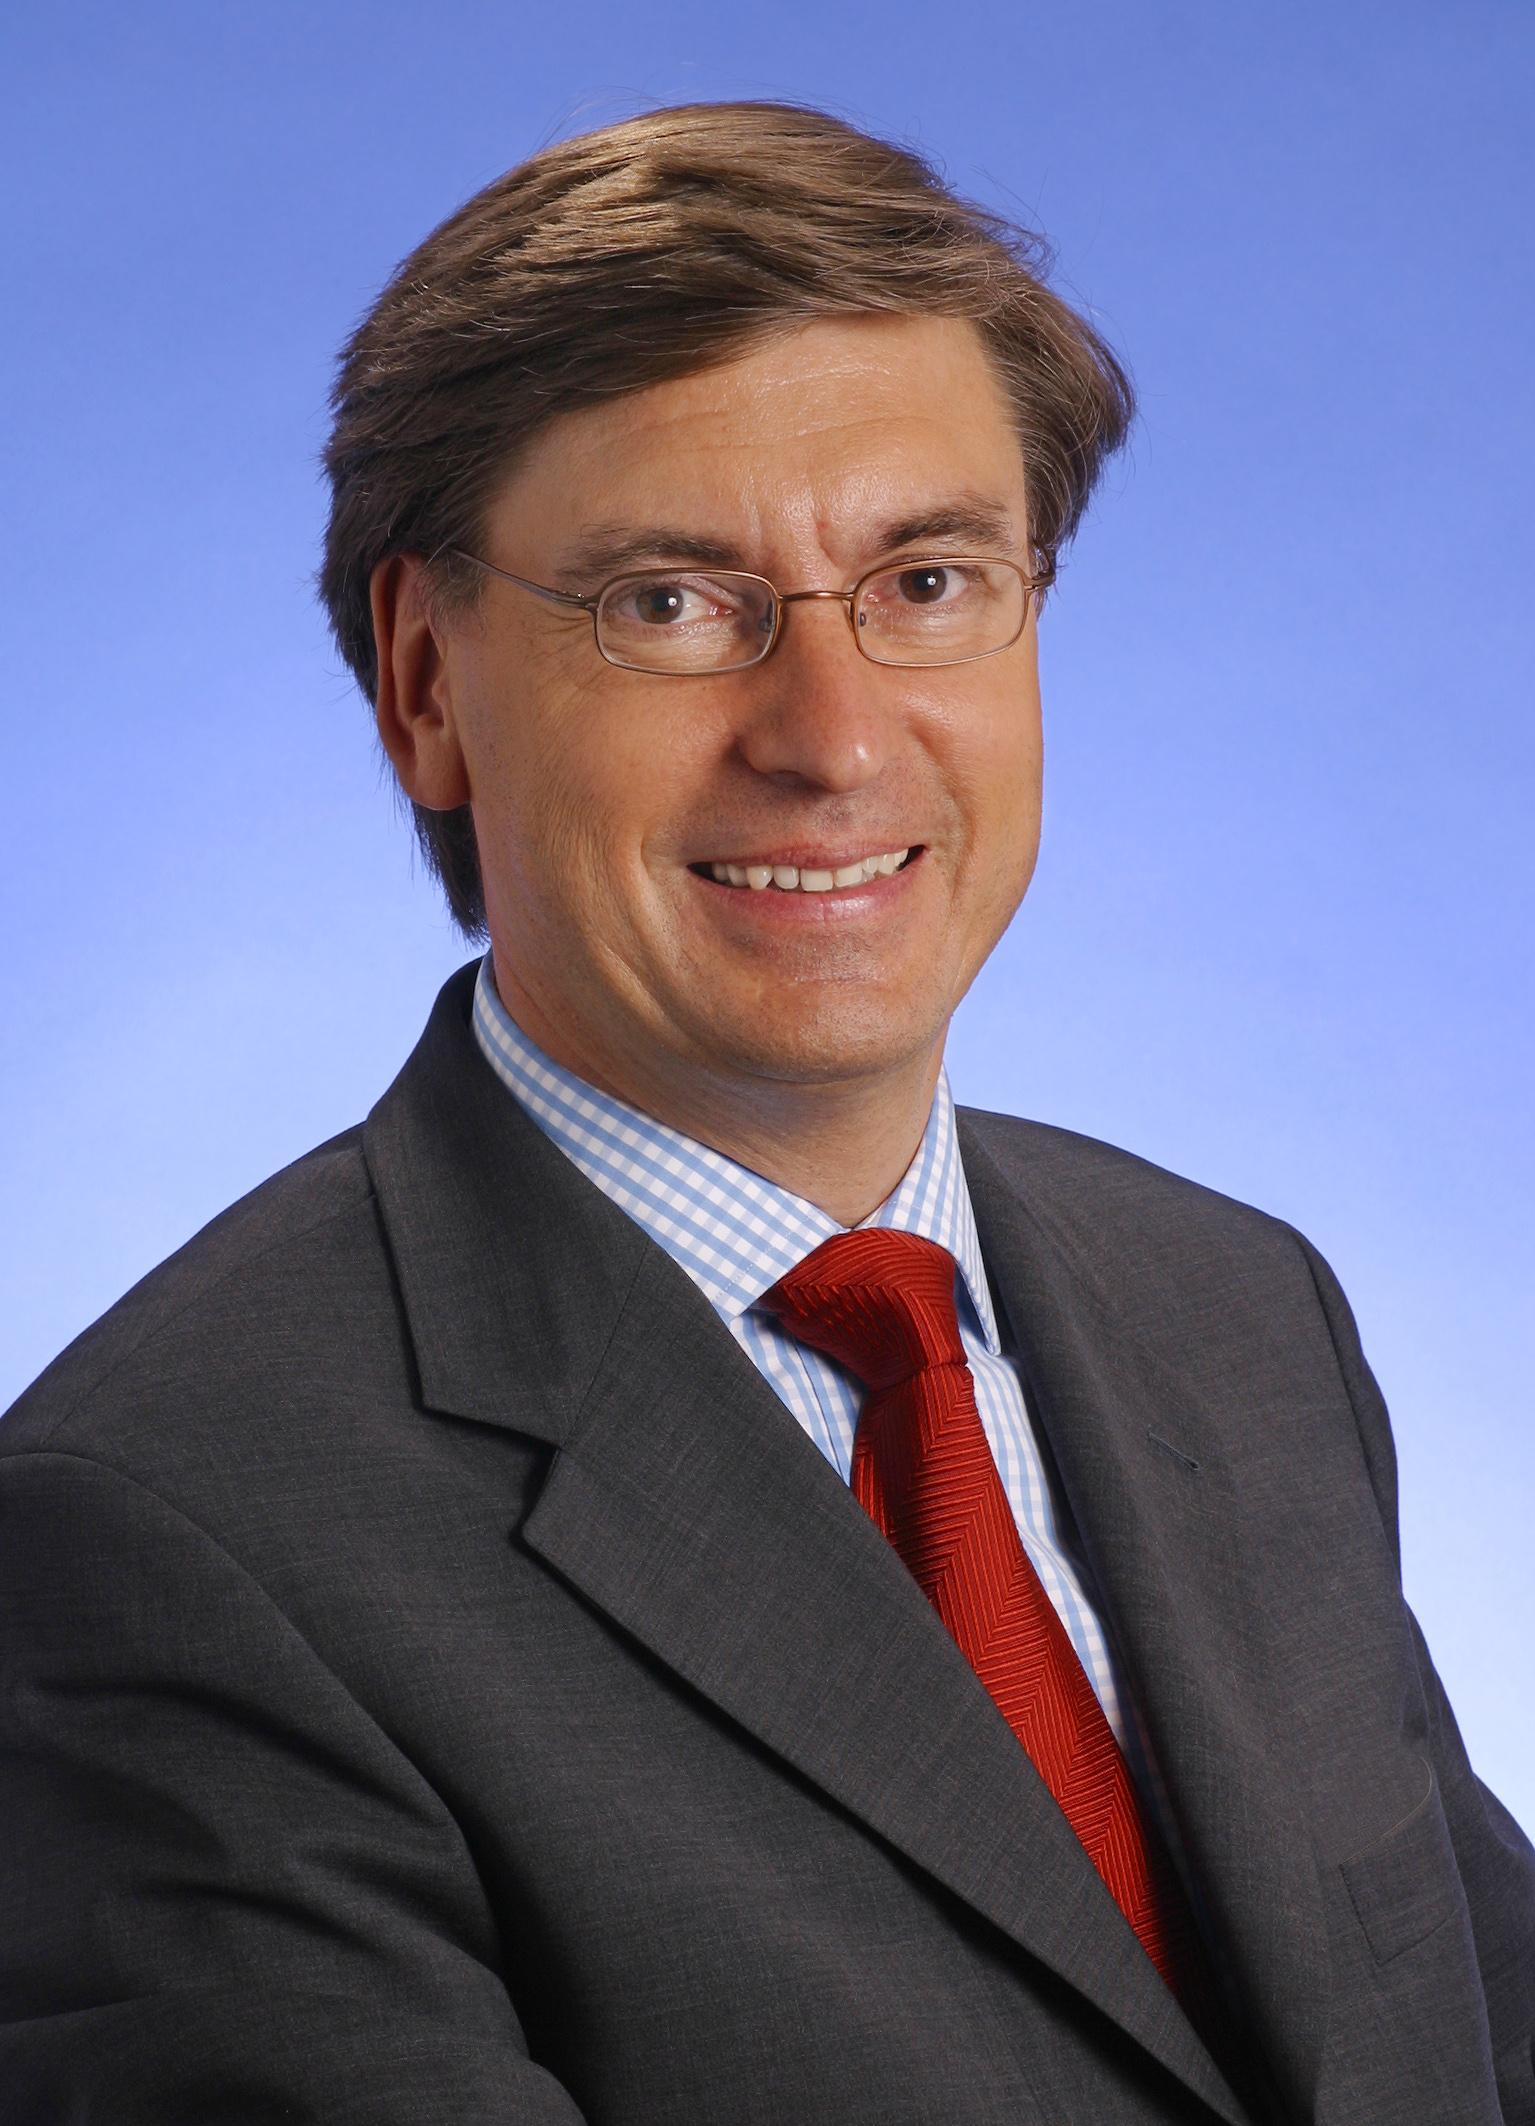 Jürgen Marquardt dr erk thorsten heyen of sms dr marquardt